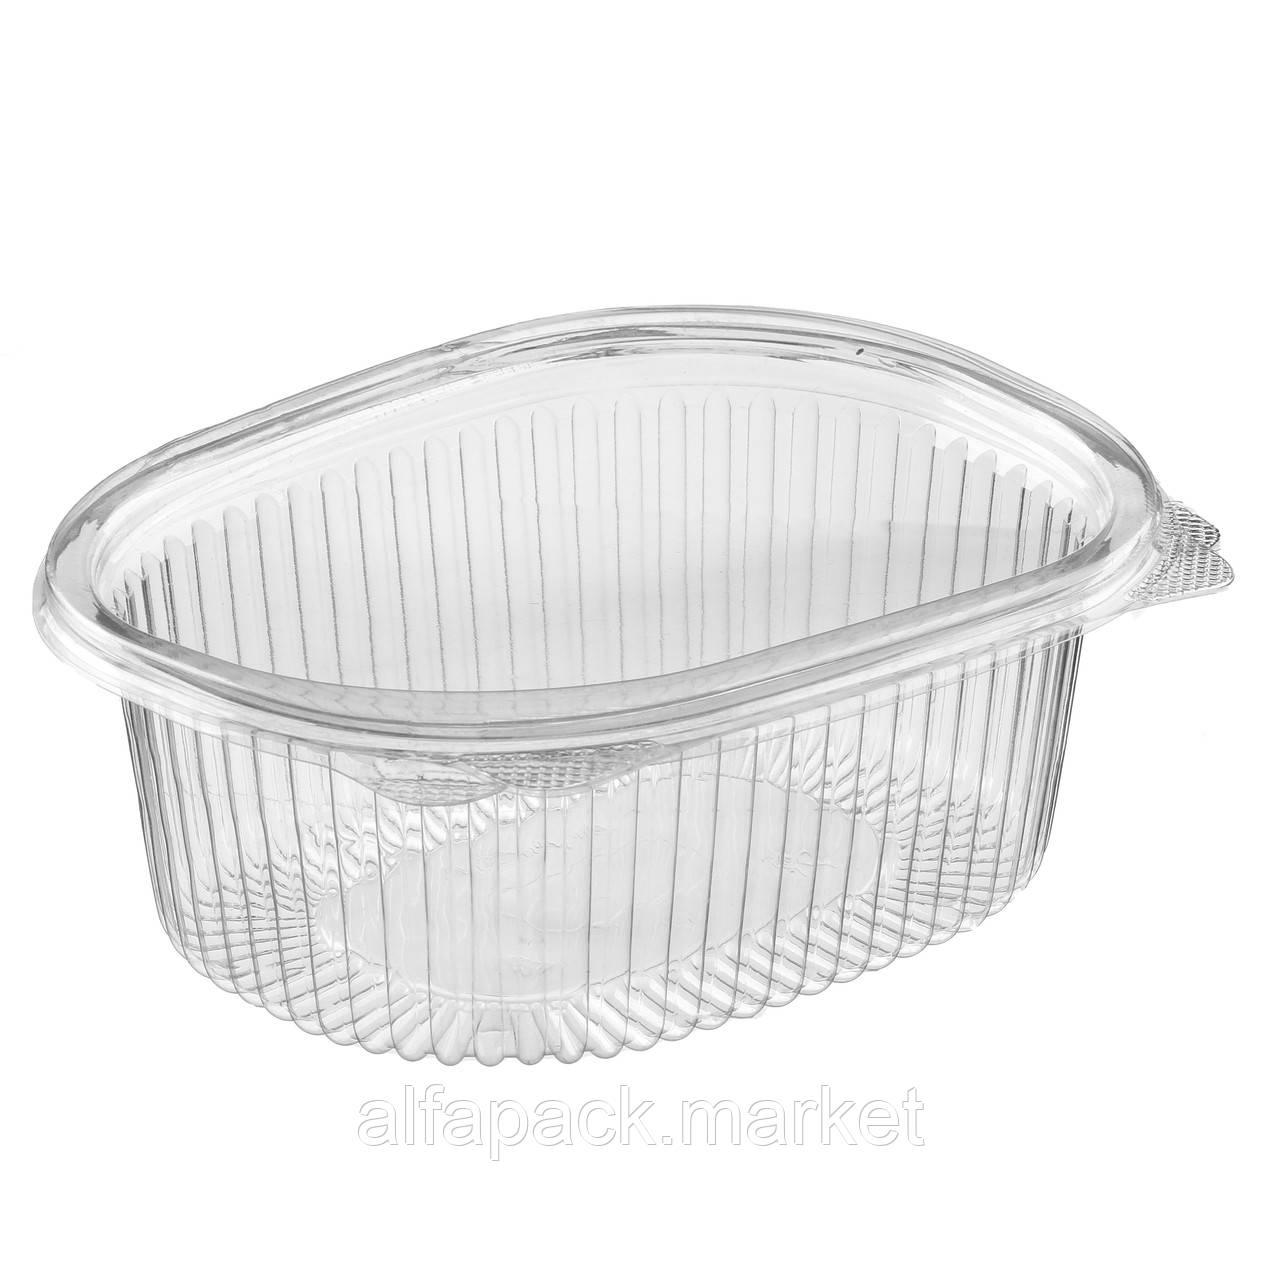 ИПР-РКС-500 Упаковка для салатов 500 мл, 137*137*68 (330 шт в упаковке) 010200133